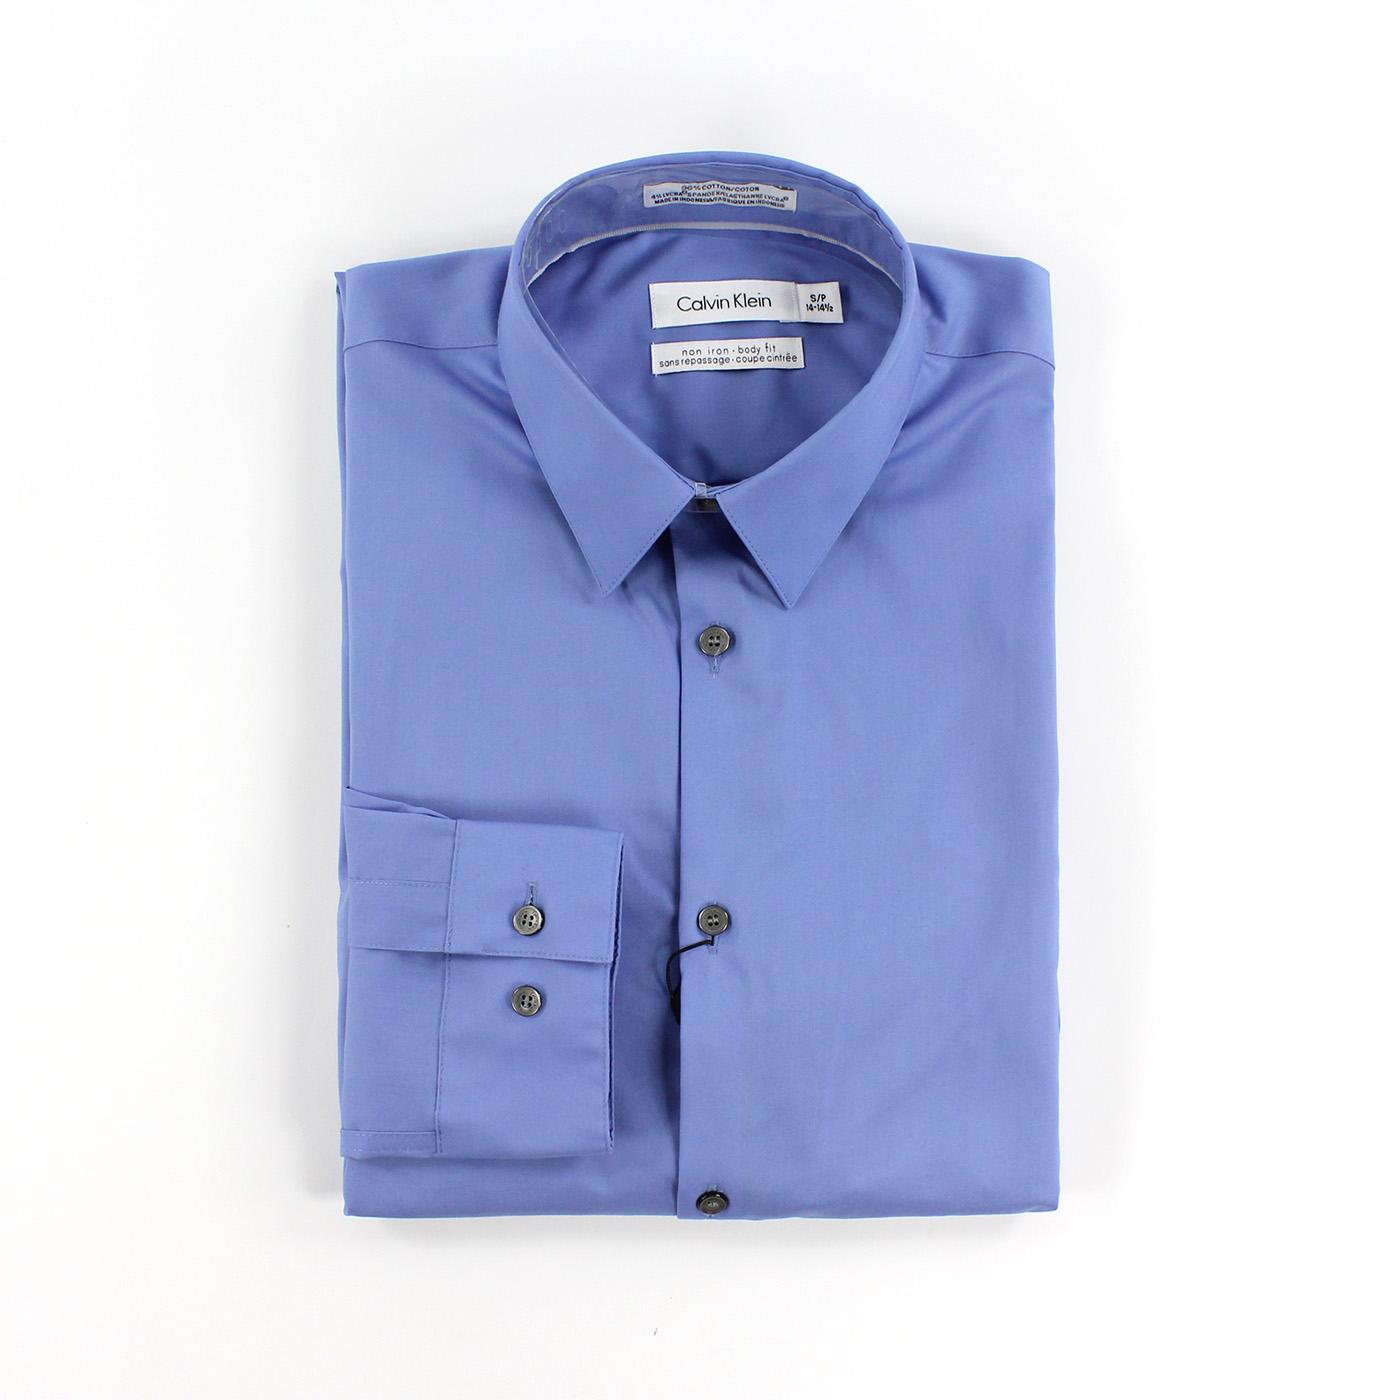 美國百分百【全新真品】Calvin Klein 襯衫 CK 男衣 上班 長袖 上衣 商務 專櫃款 淺藍 XS號 C615